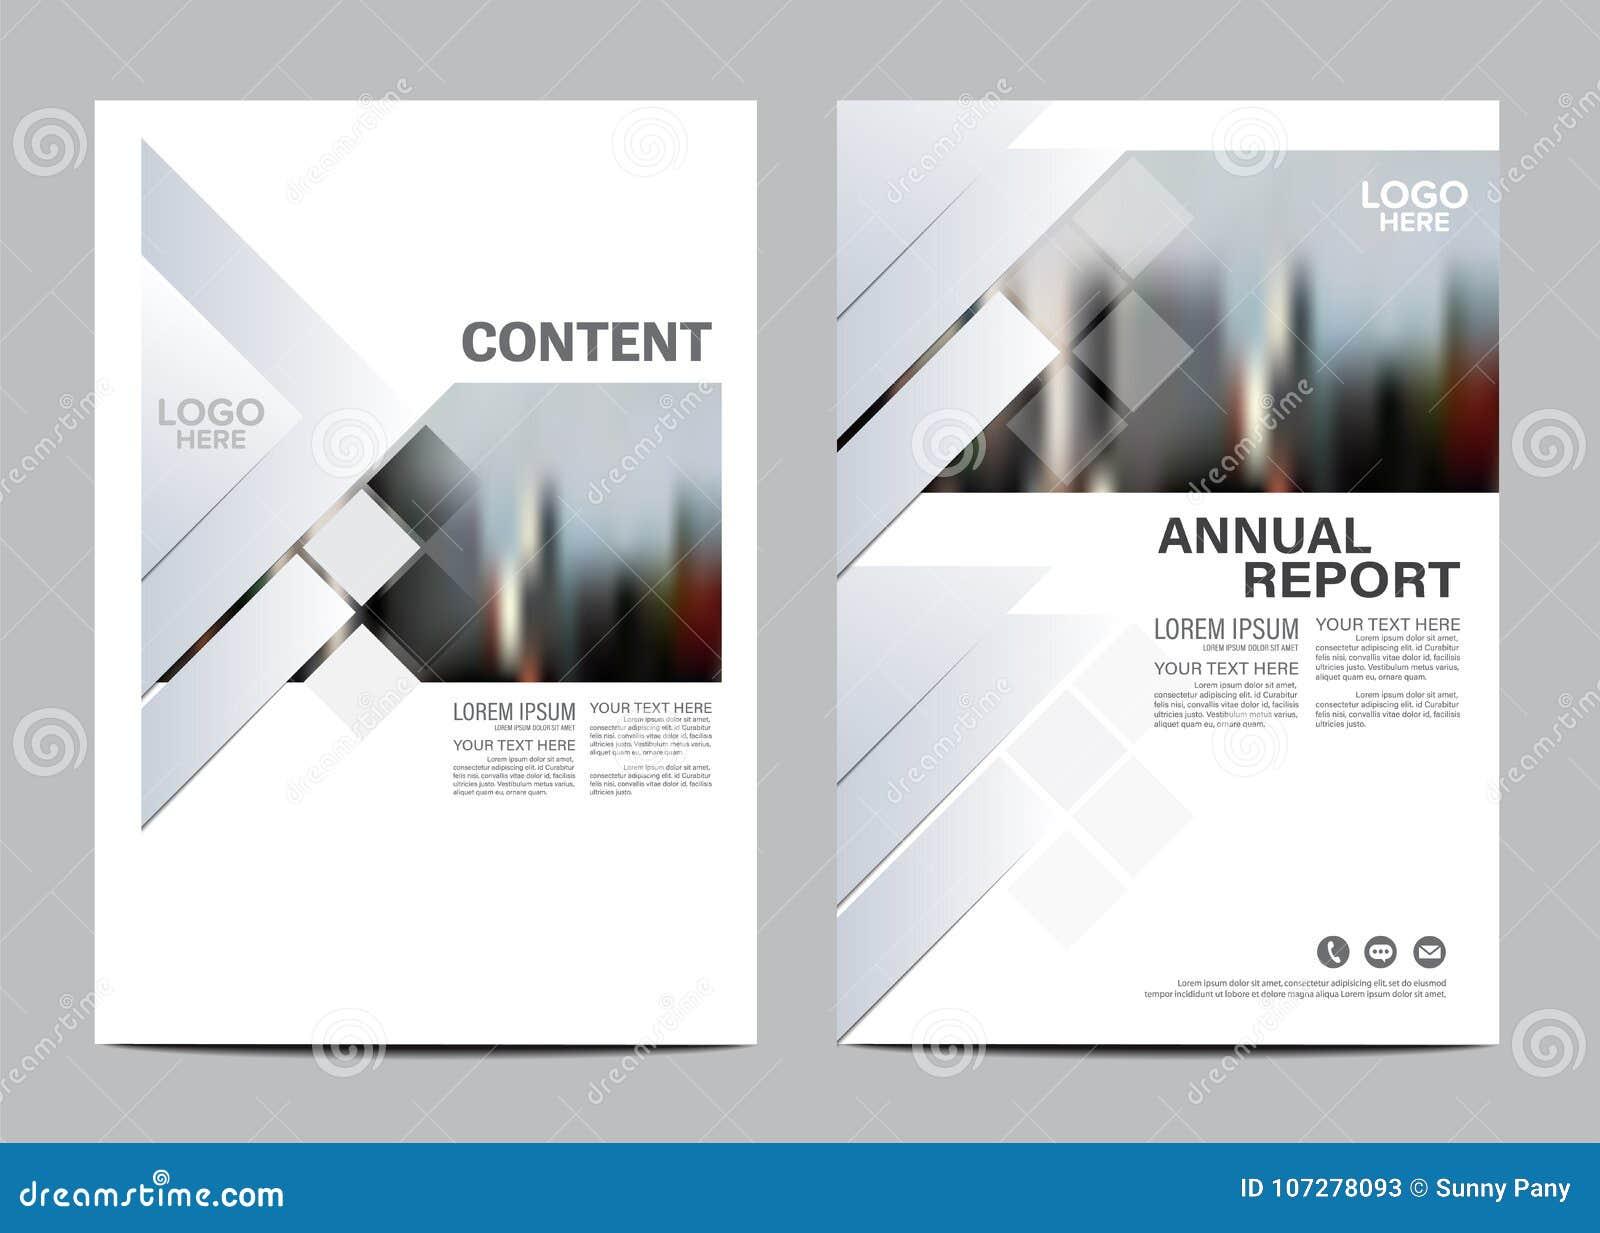 黑白小册子布局设计模板 年终报告飞行物传单盖子介绍现代背景